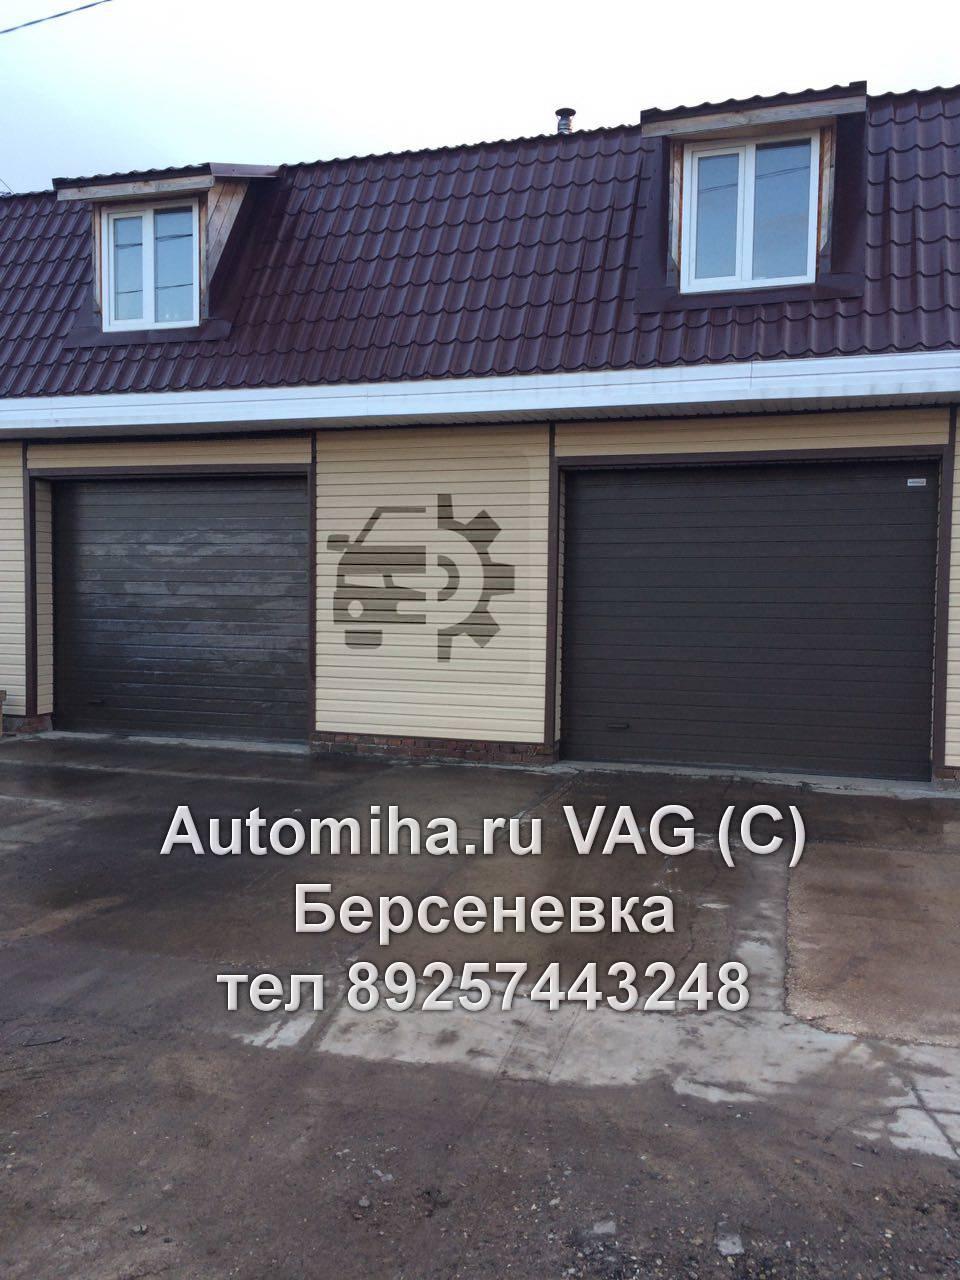 Автомастерская, Automiha, Берсеневка, Солнечногорск, Химки.